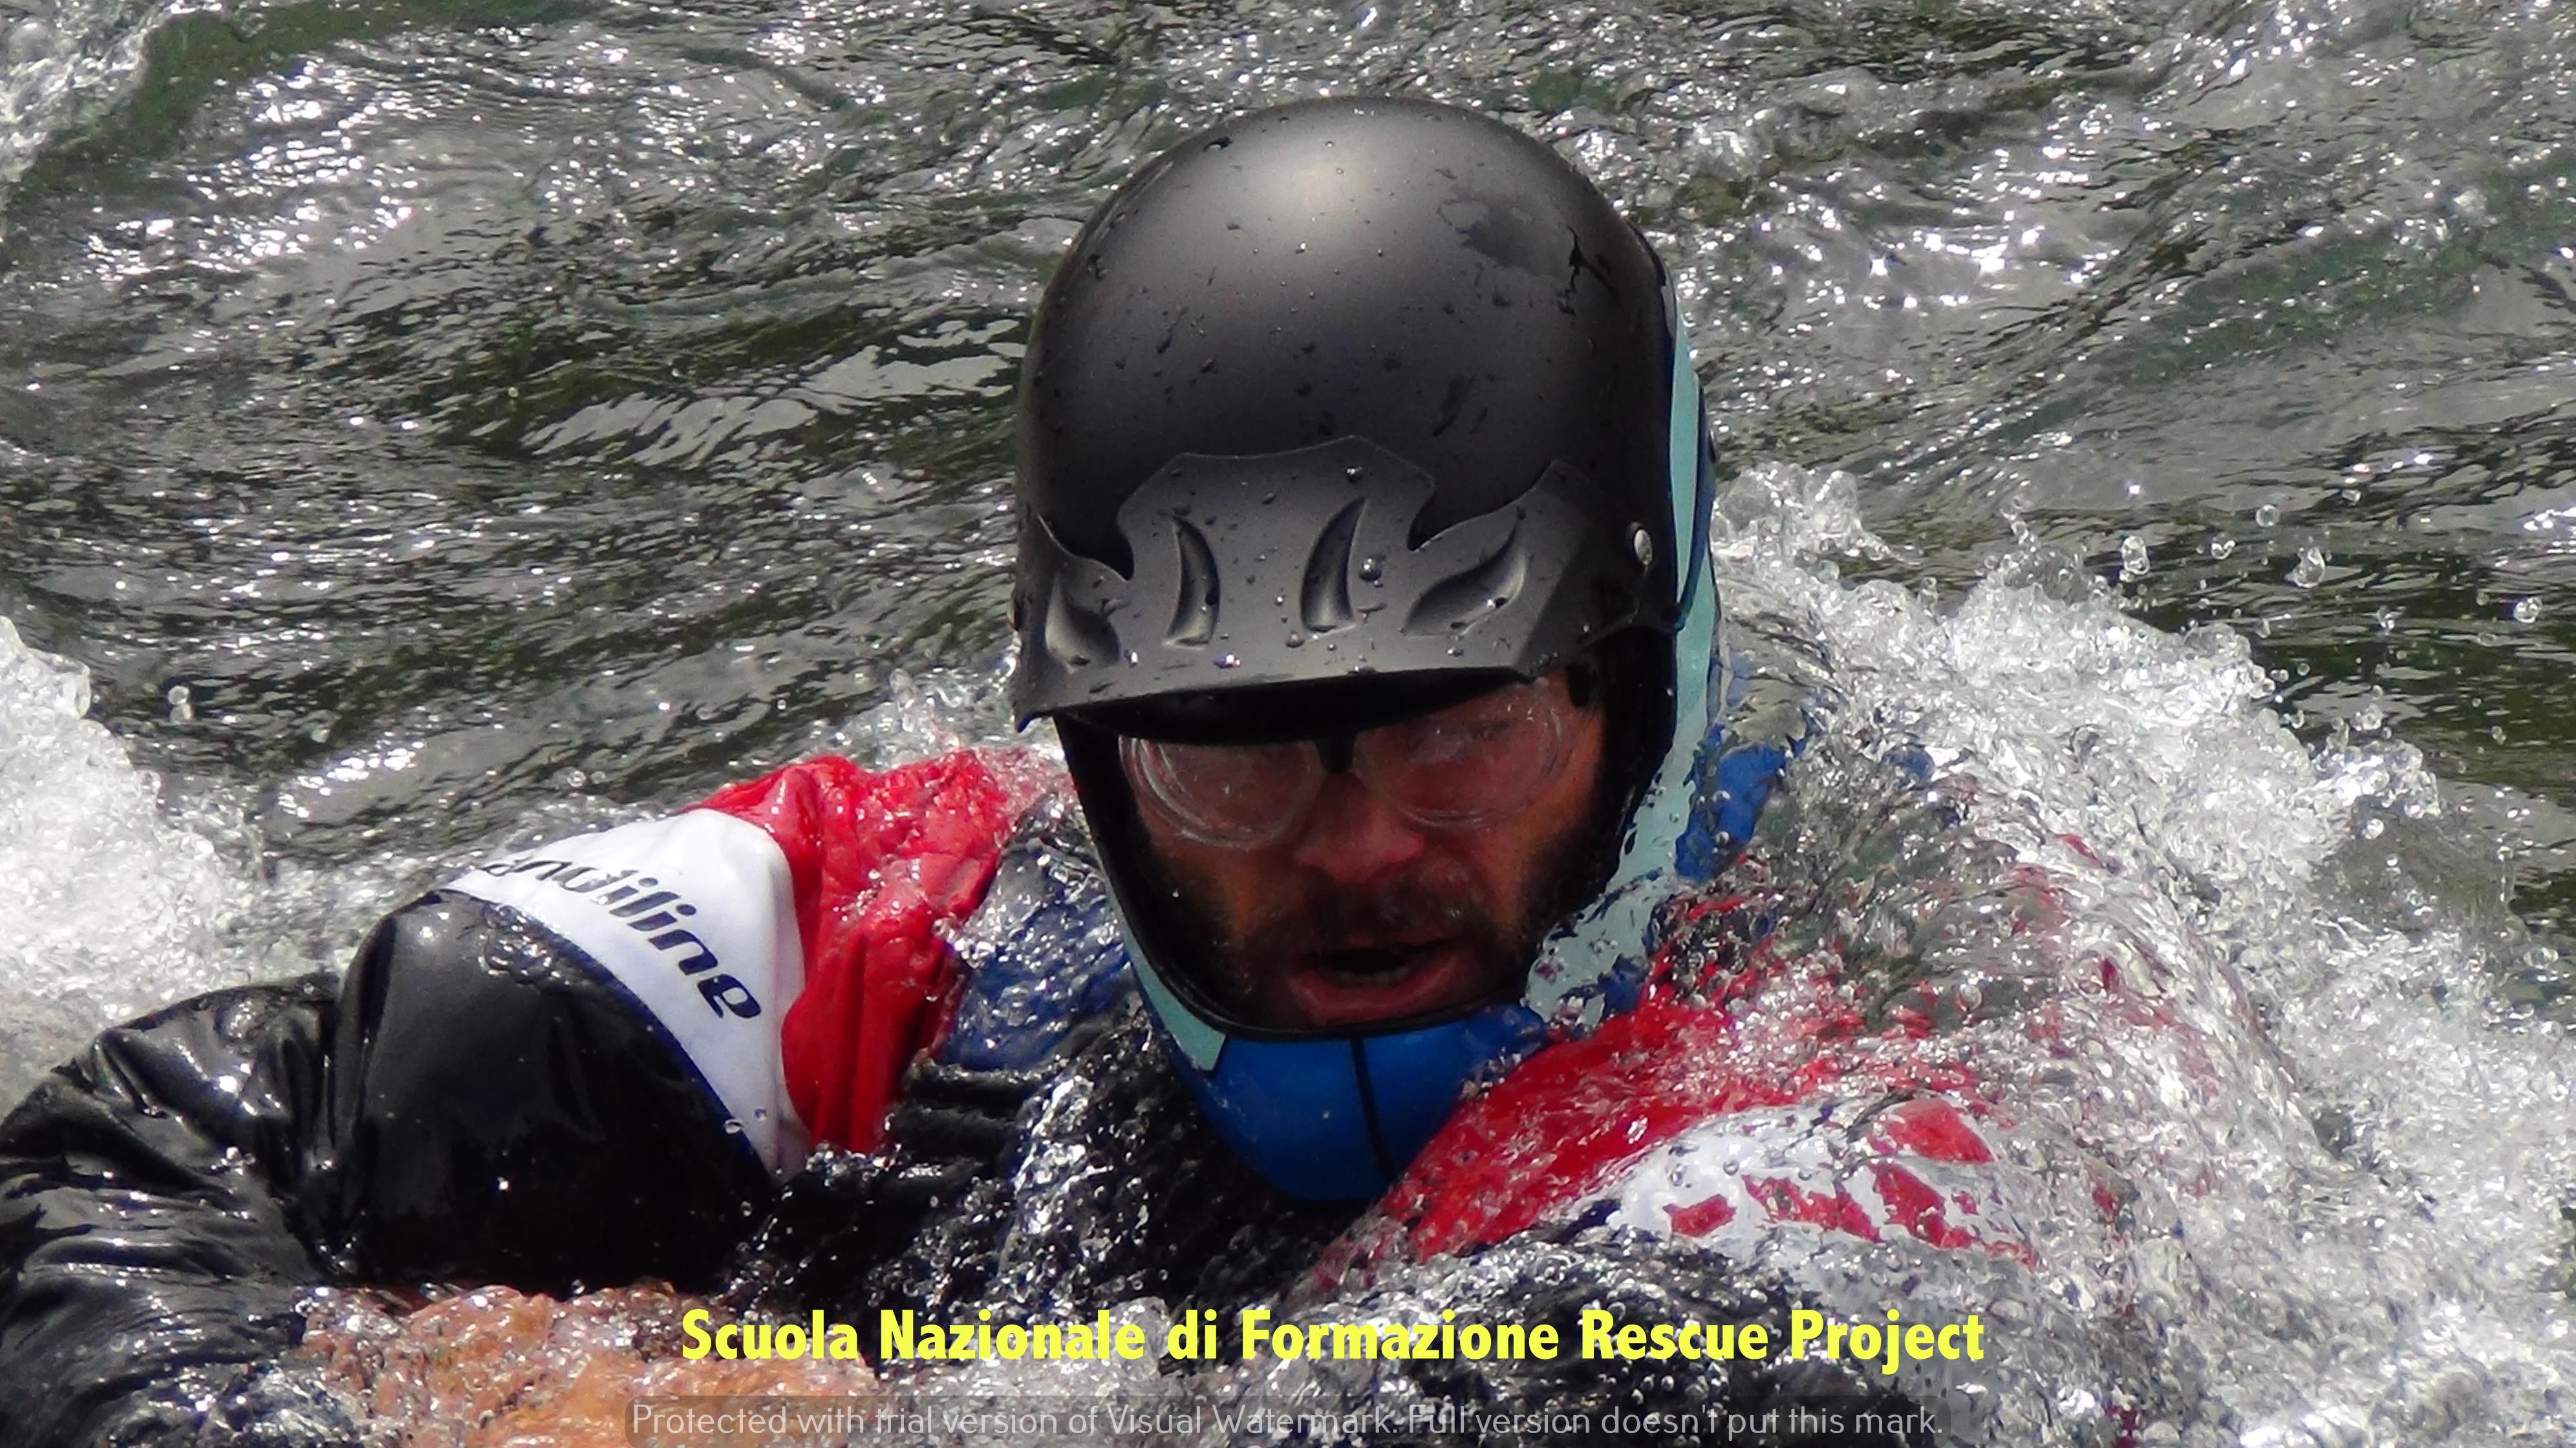 Scuola Nazionale di Formazione Rescue Project69